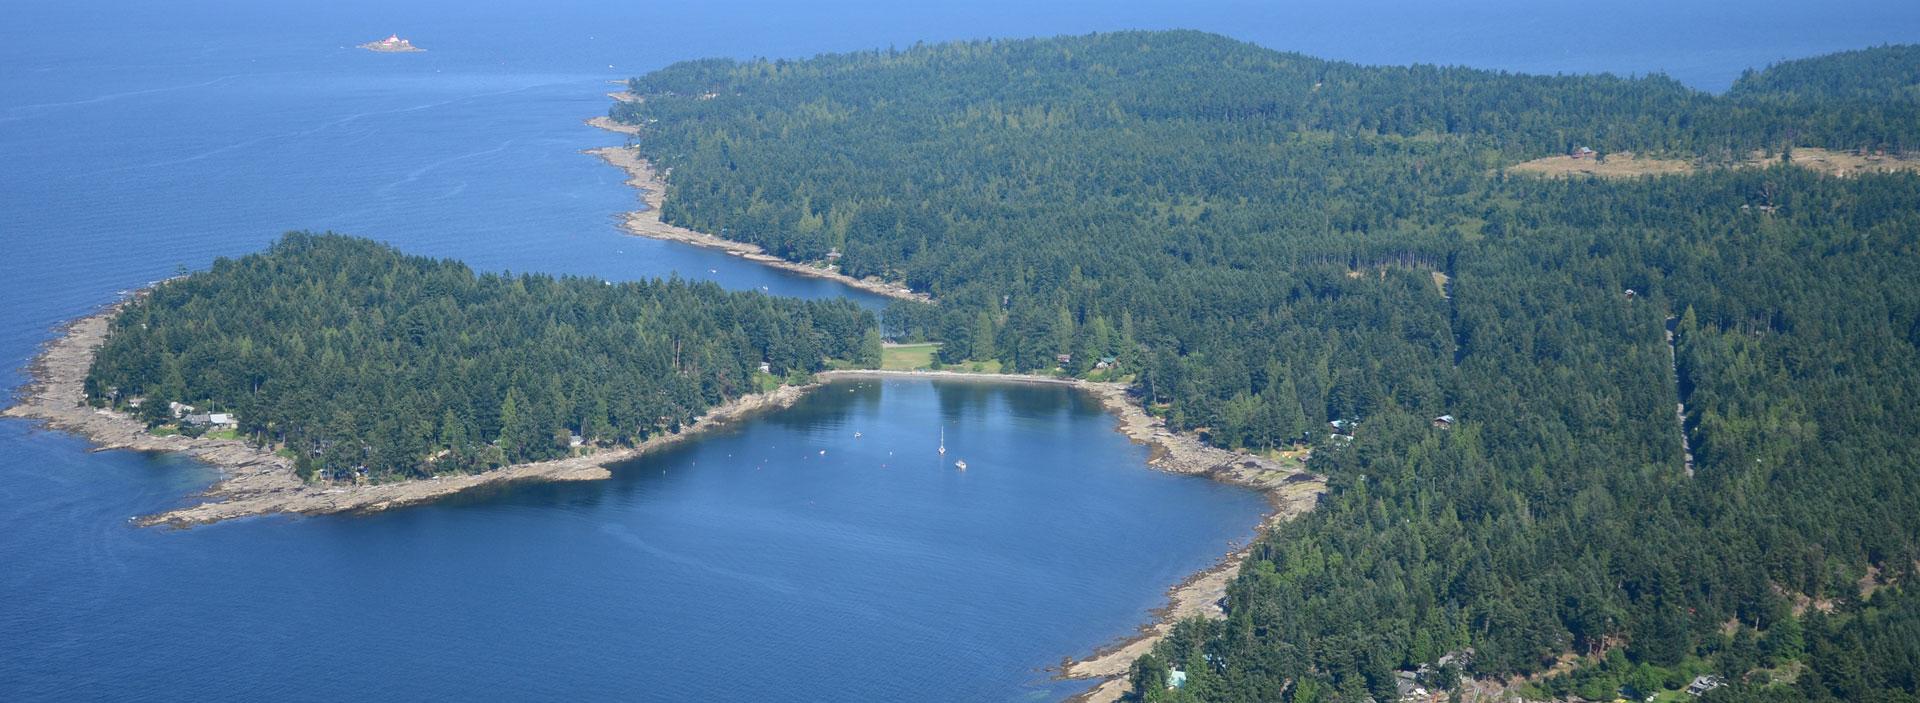 Gabriola Island Aerial